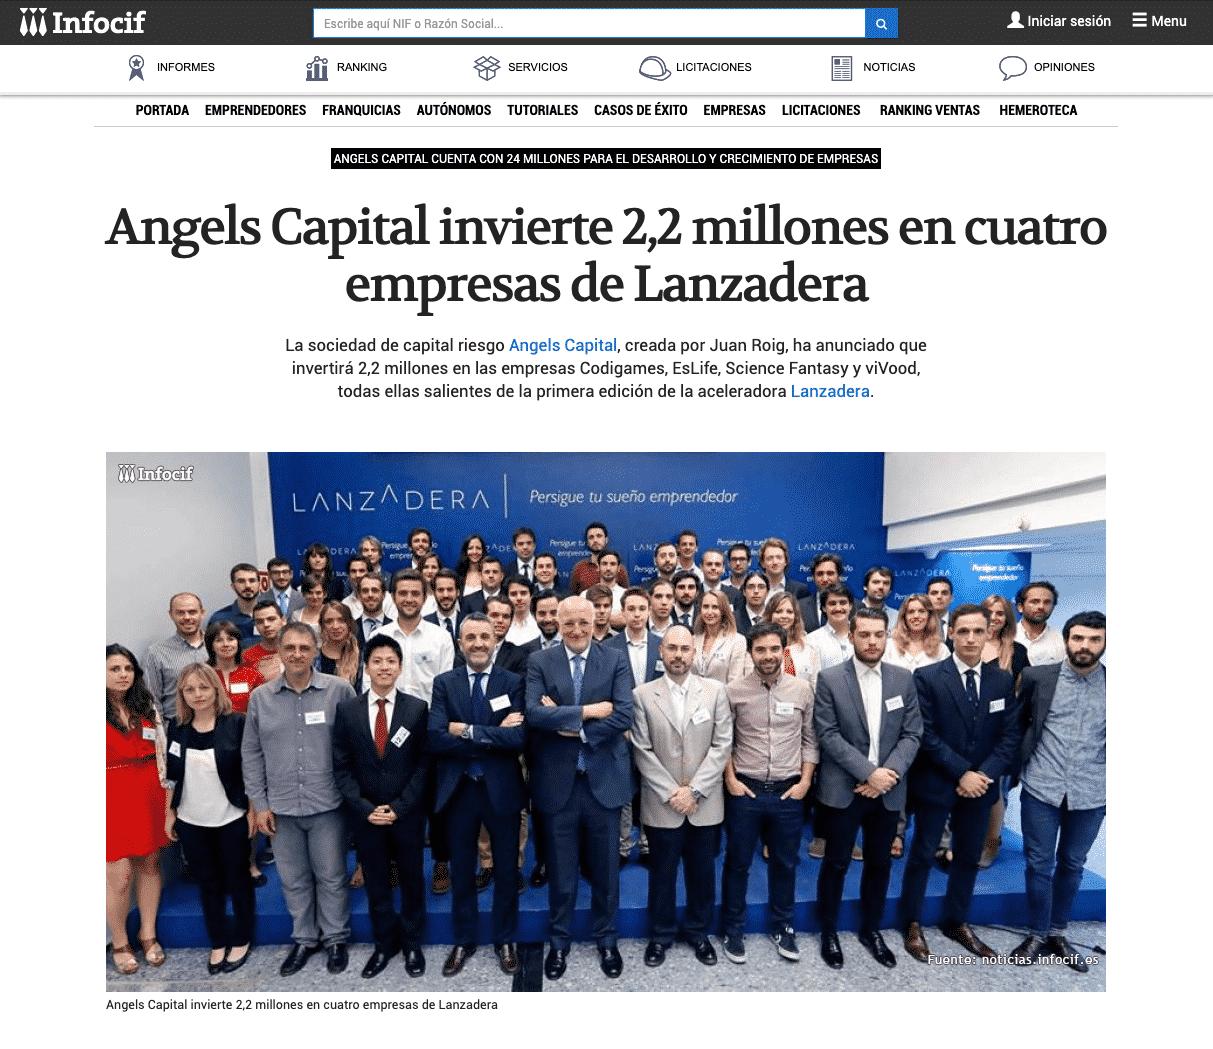 https://noticias.infocif.es/noticia/angels-capital-invierte-22-millones-en-cuatro-empresas-de-lanzadera